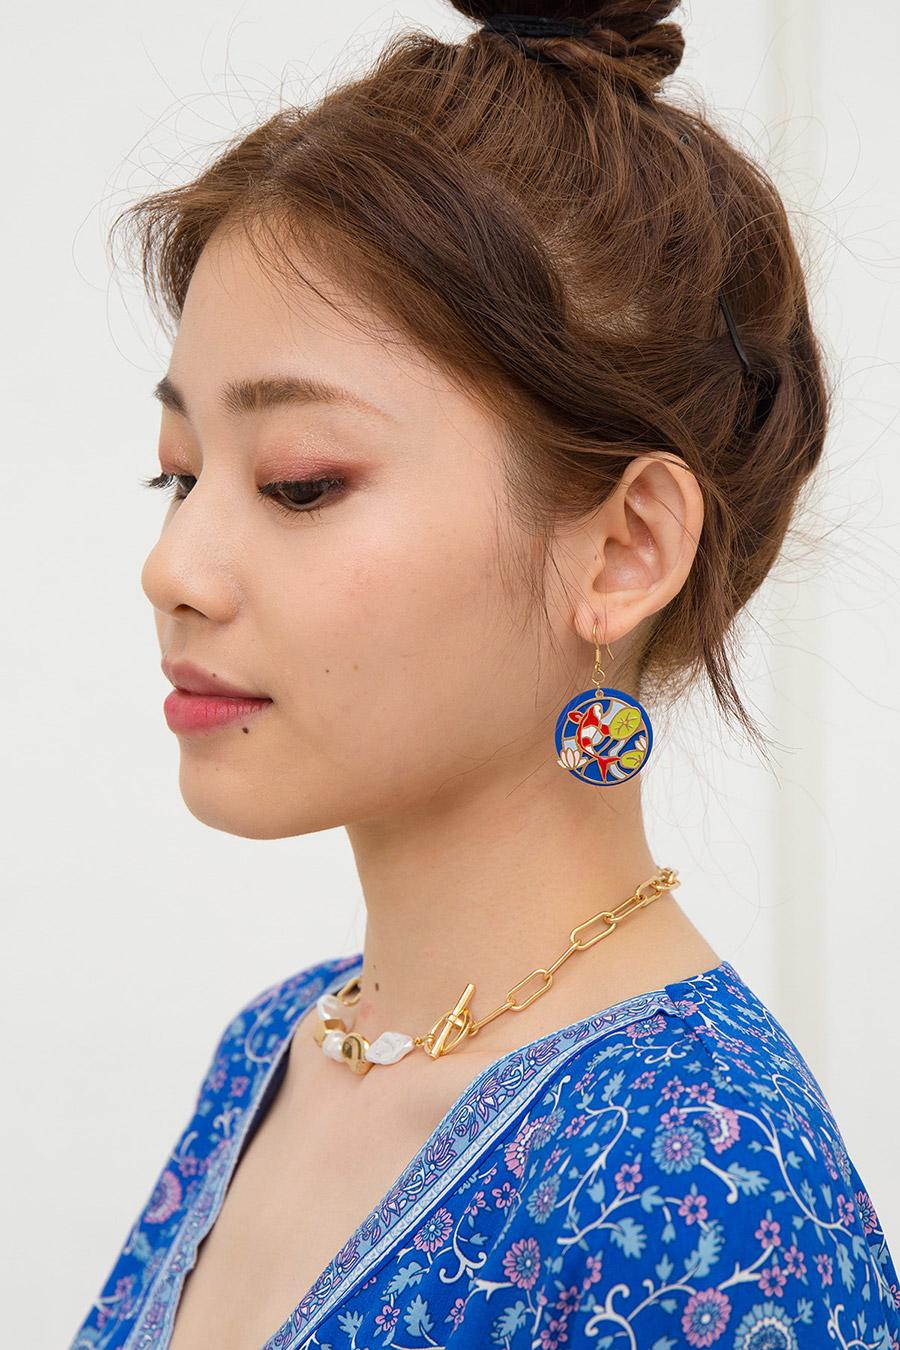 KOI POND EARRING - BLUE GREEN